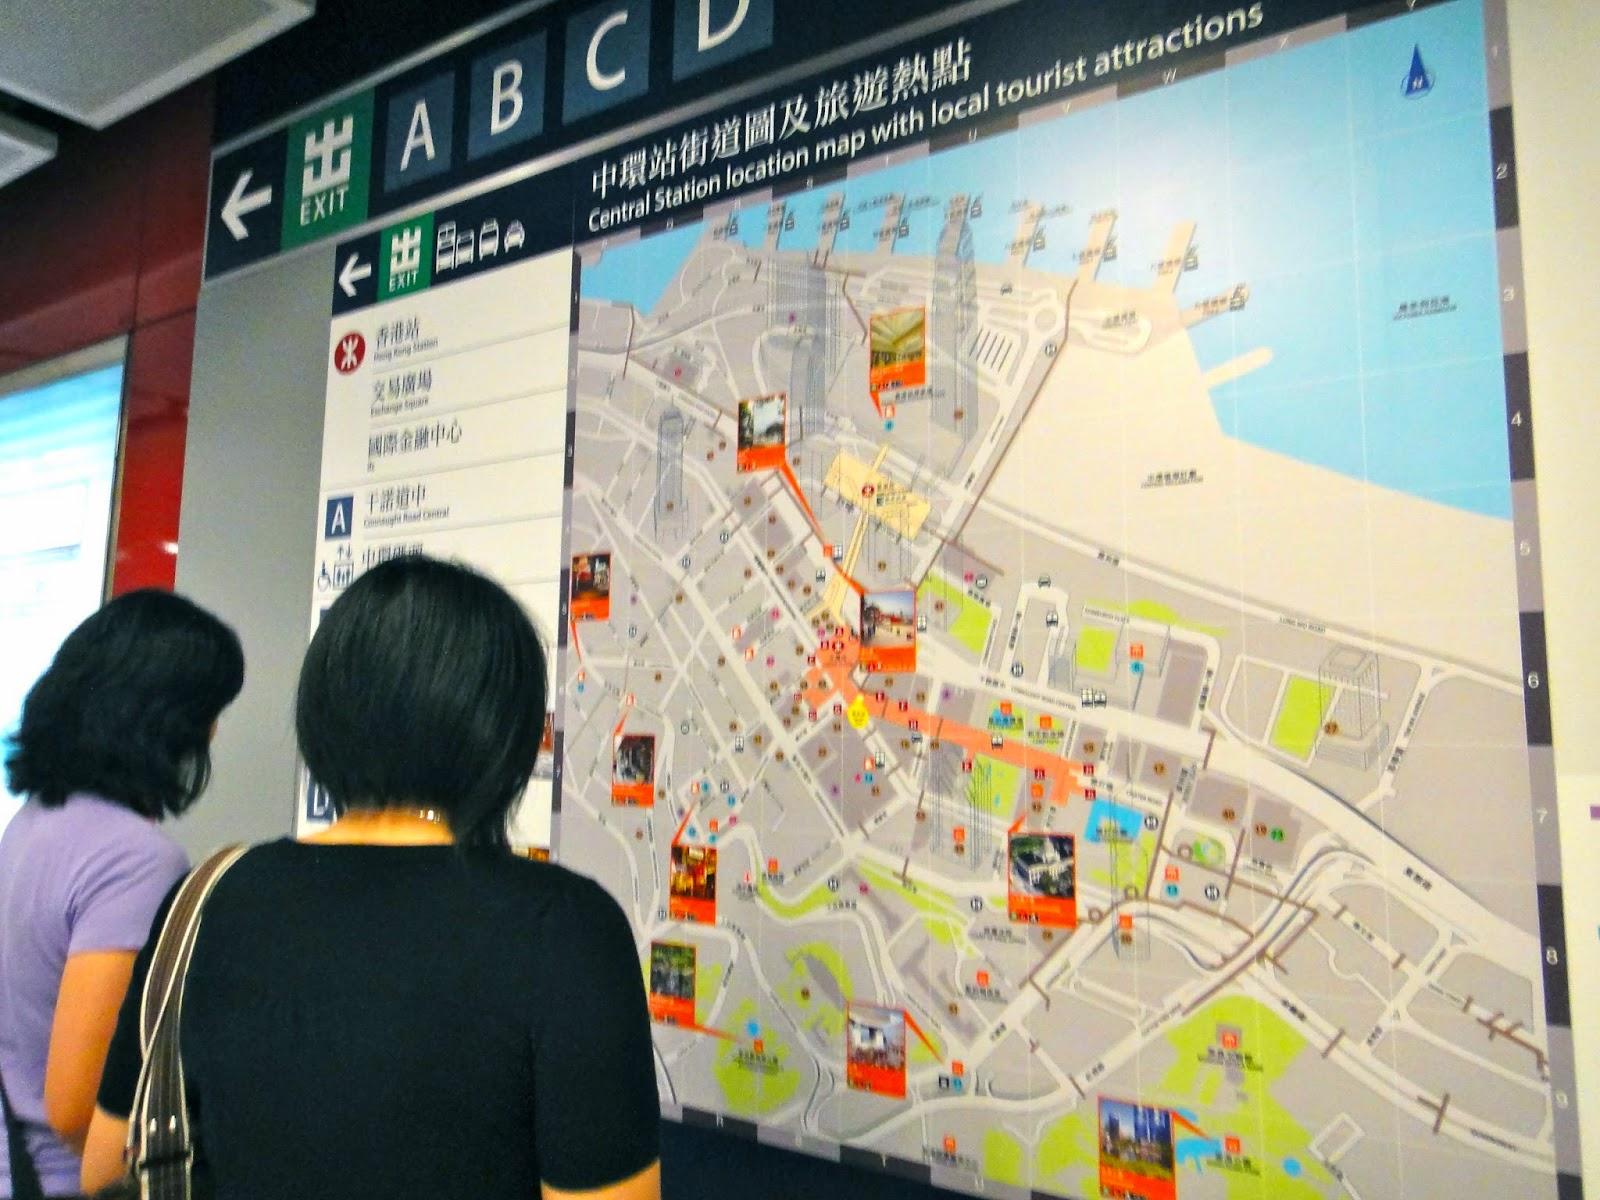 Hong Kong Central MTR Map